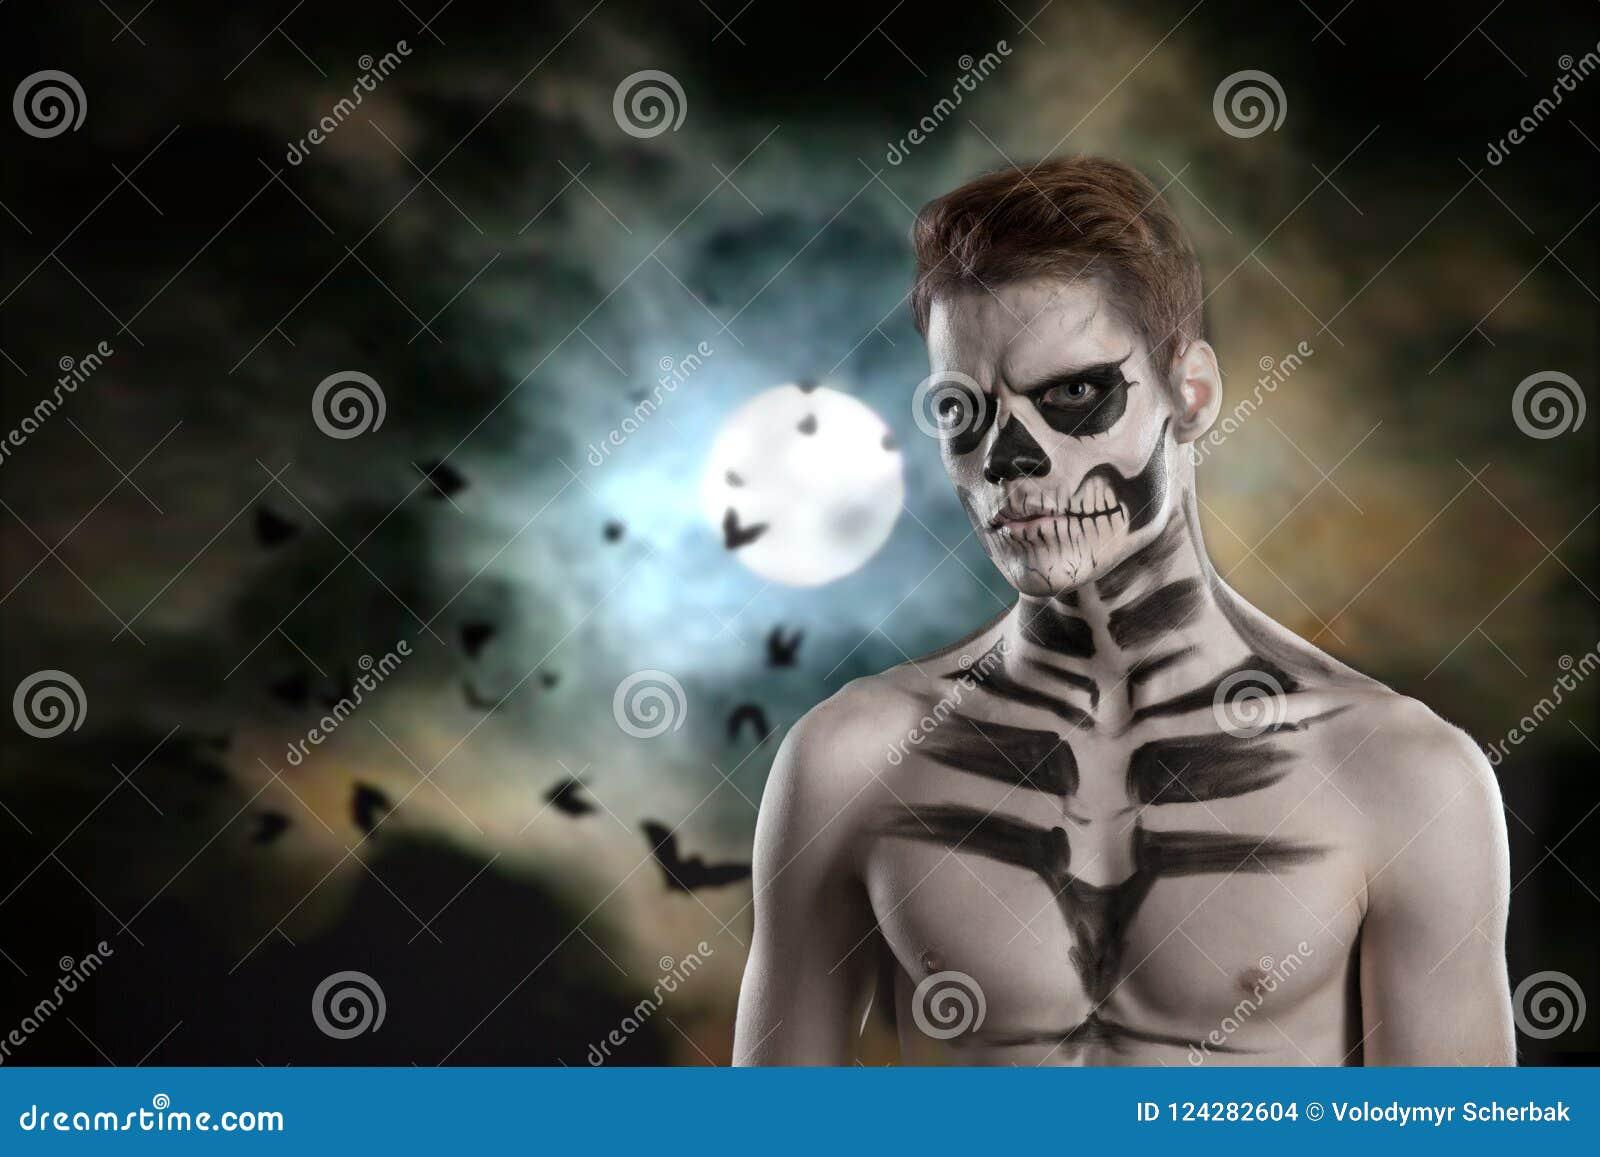 Dia de Los Muerto Costume - Tag der Toten ist ein mexikanischer Feiertag Ist hier ein Mann mit Schädelgesicht